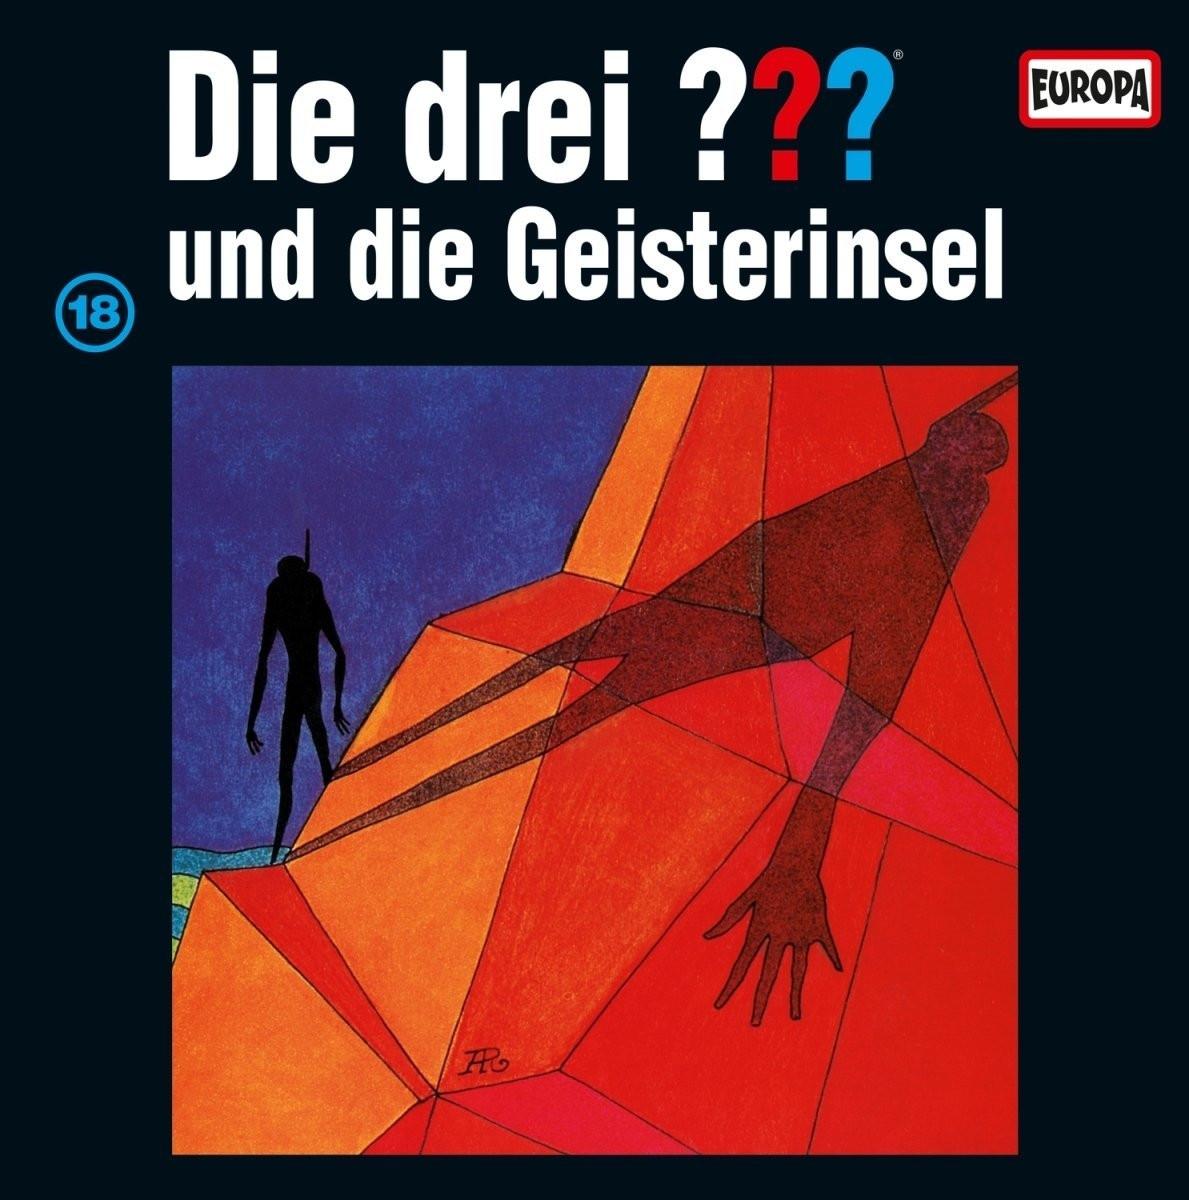 Die drei ??? Fragezeichen - Folge 18: ...und die Geisterinsel (Vinyl LP)